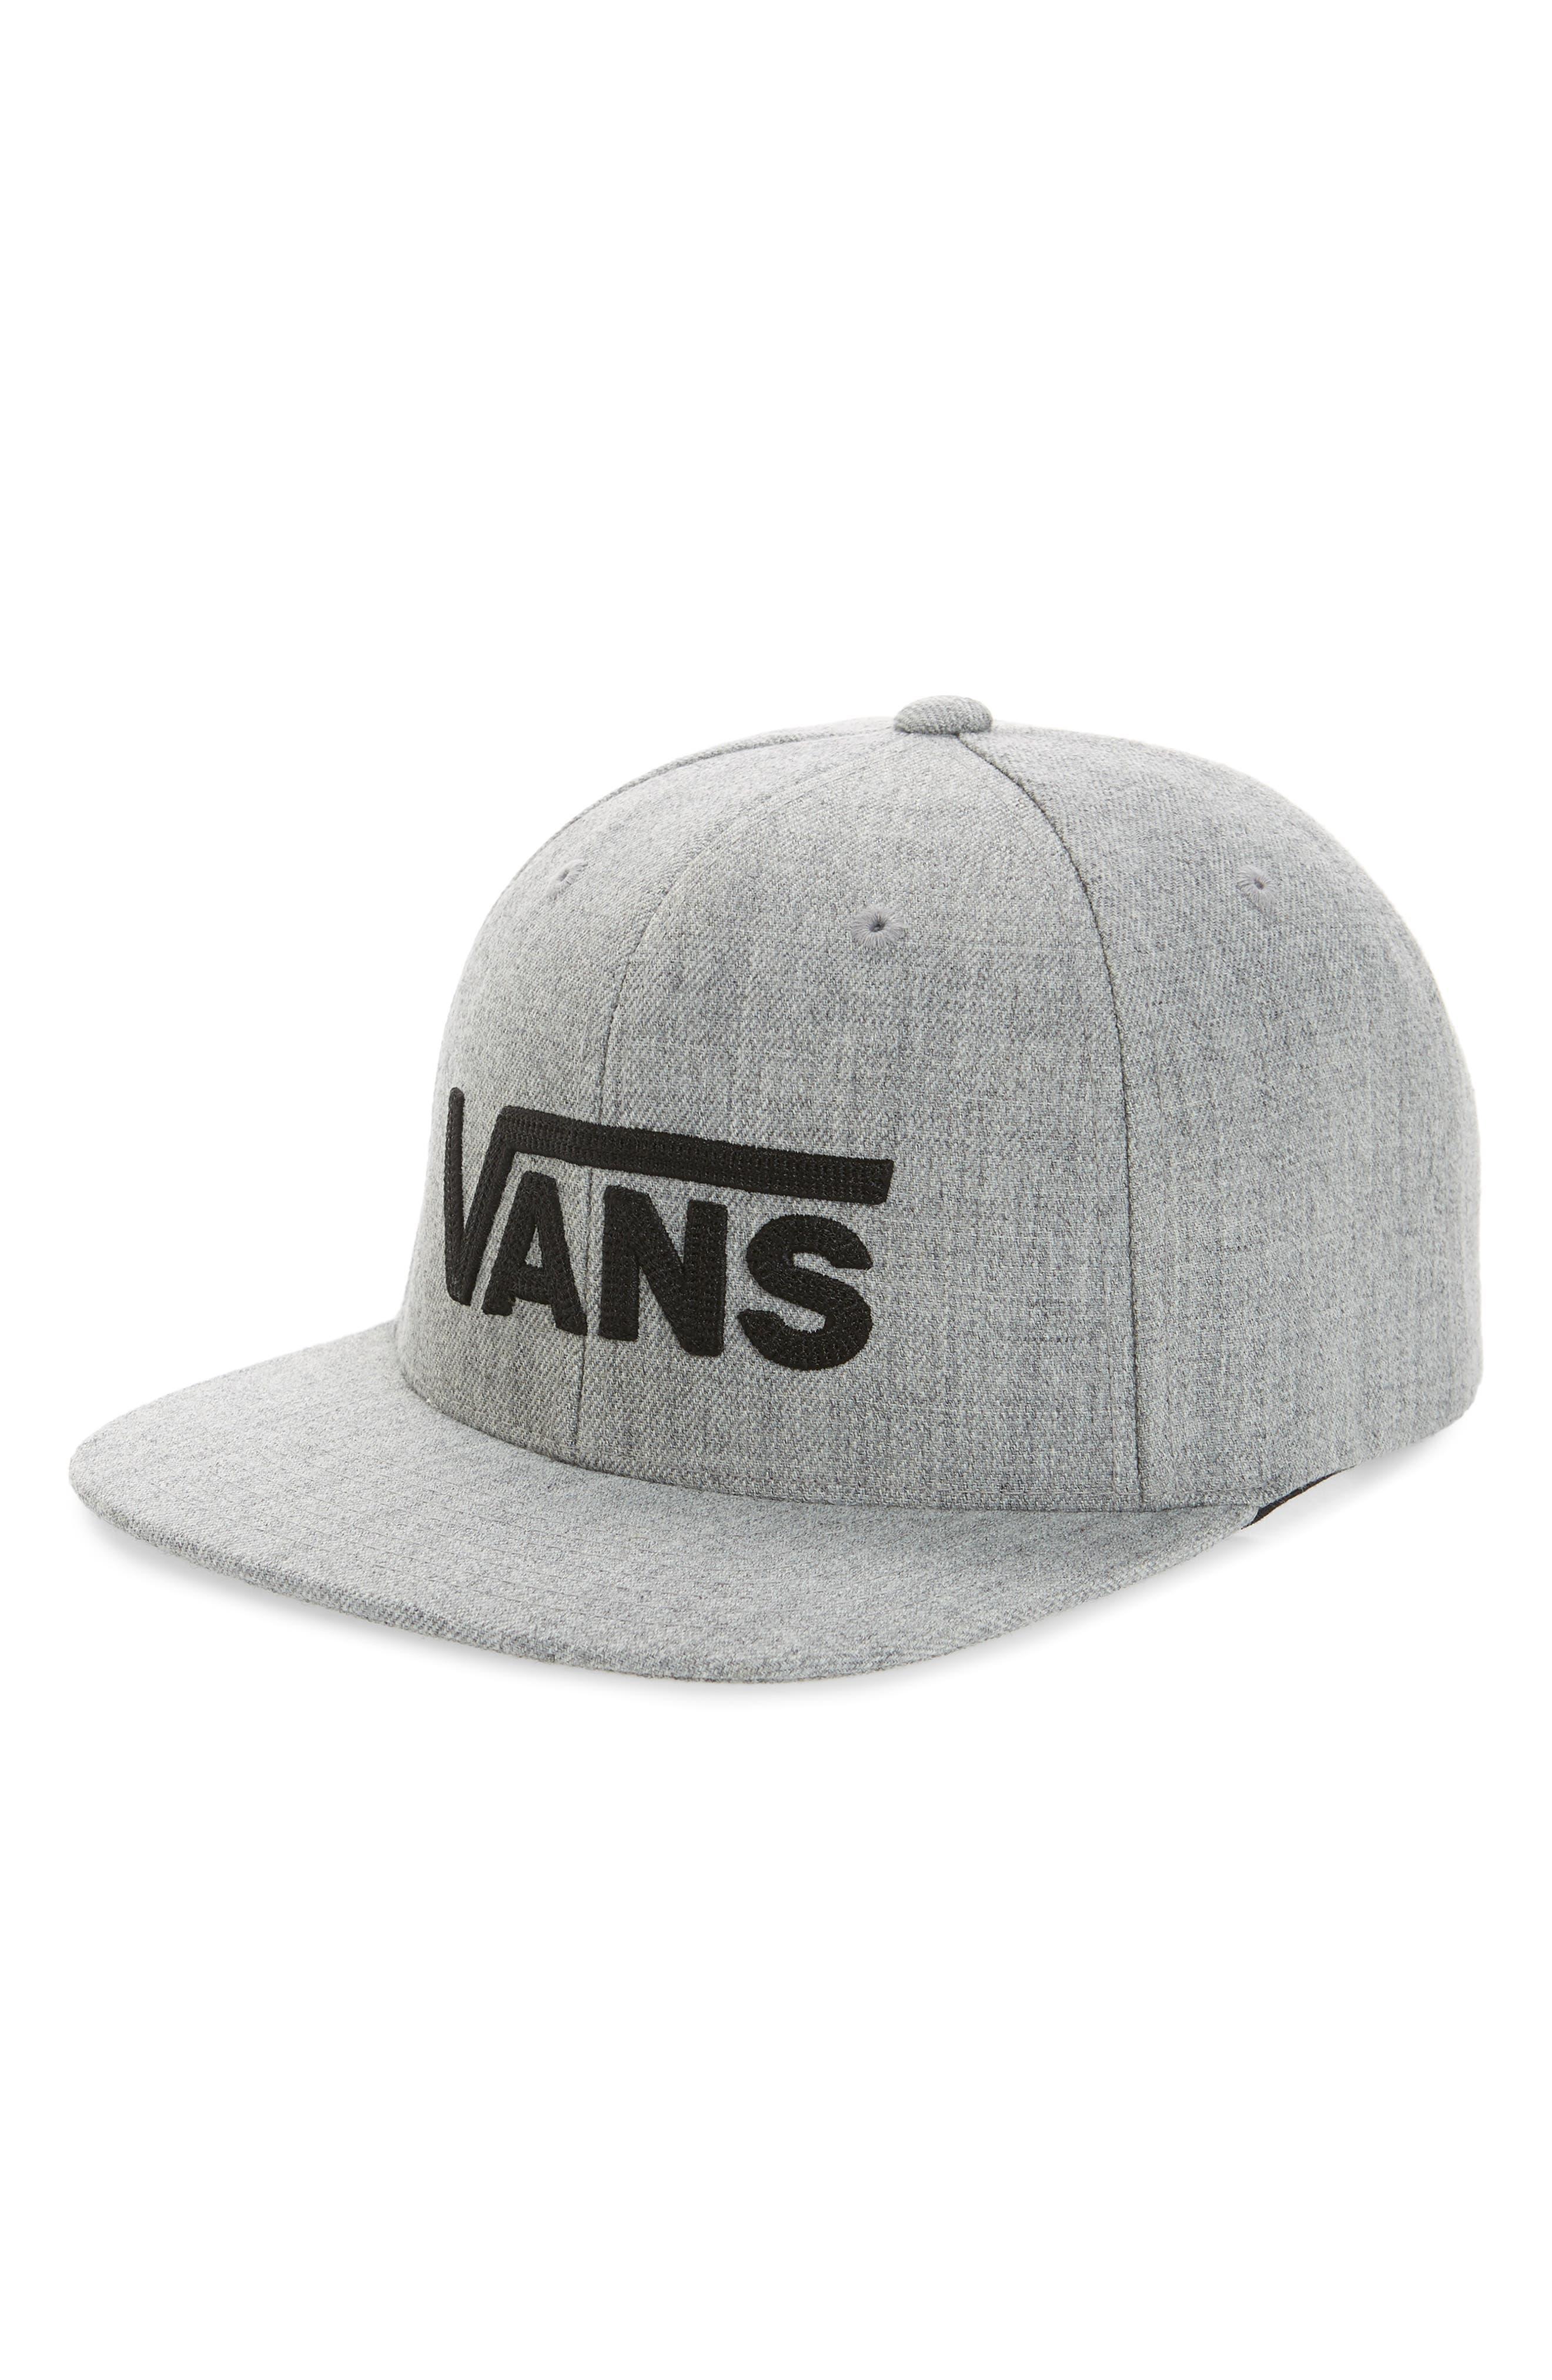 67a4ba82 Men's Vans Snapback Caps & Hats | Nordstrom